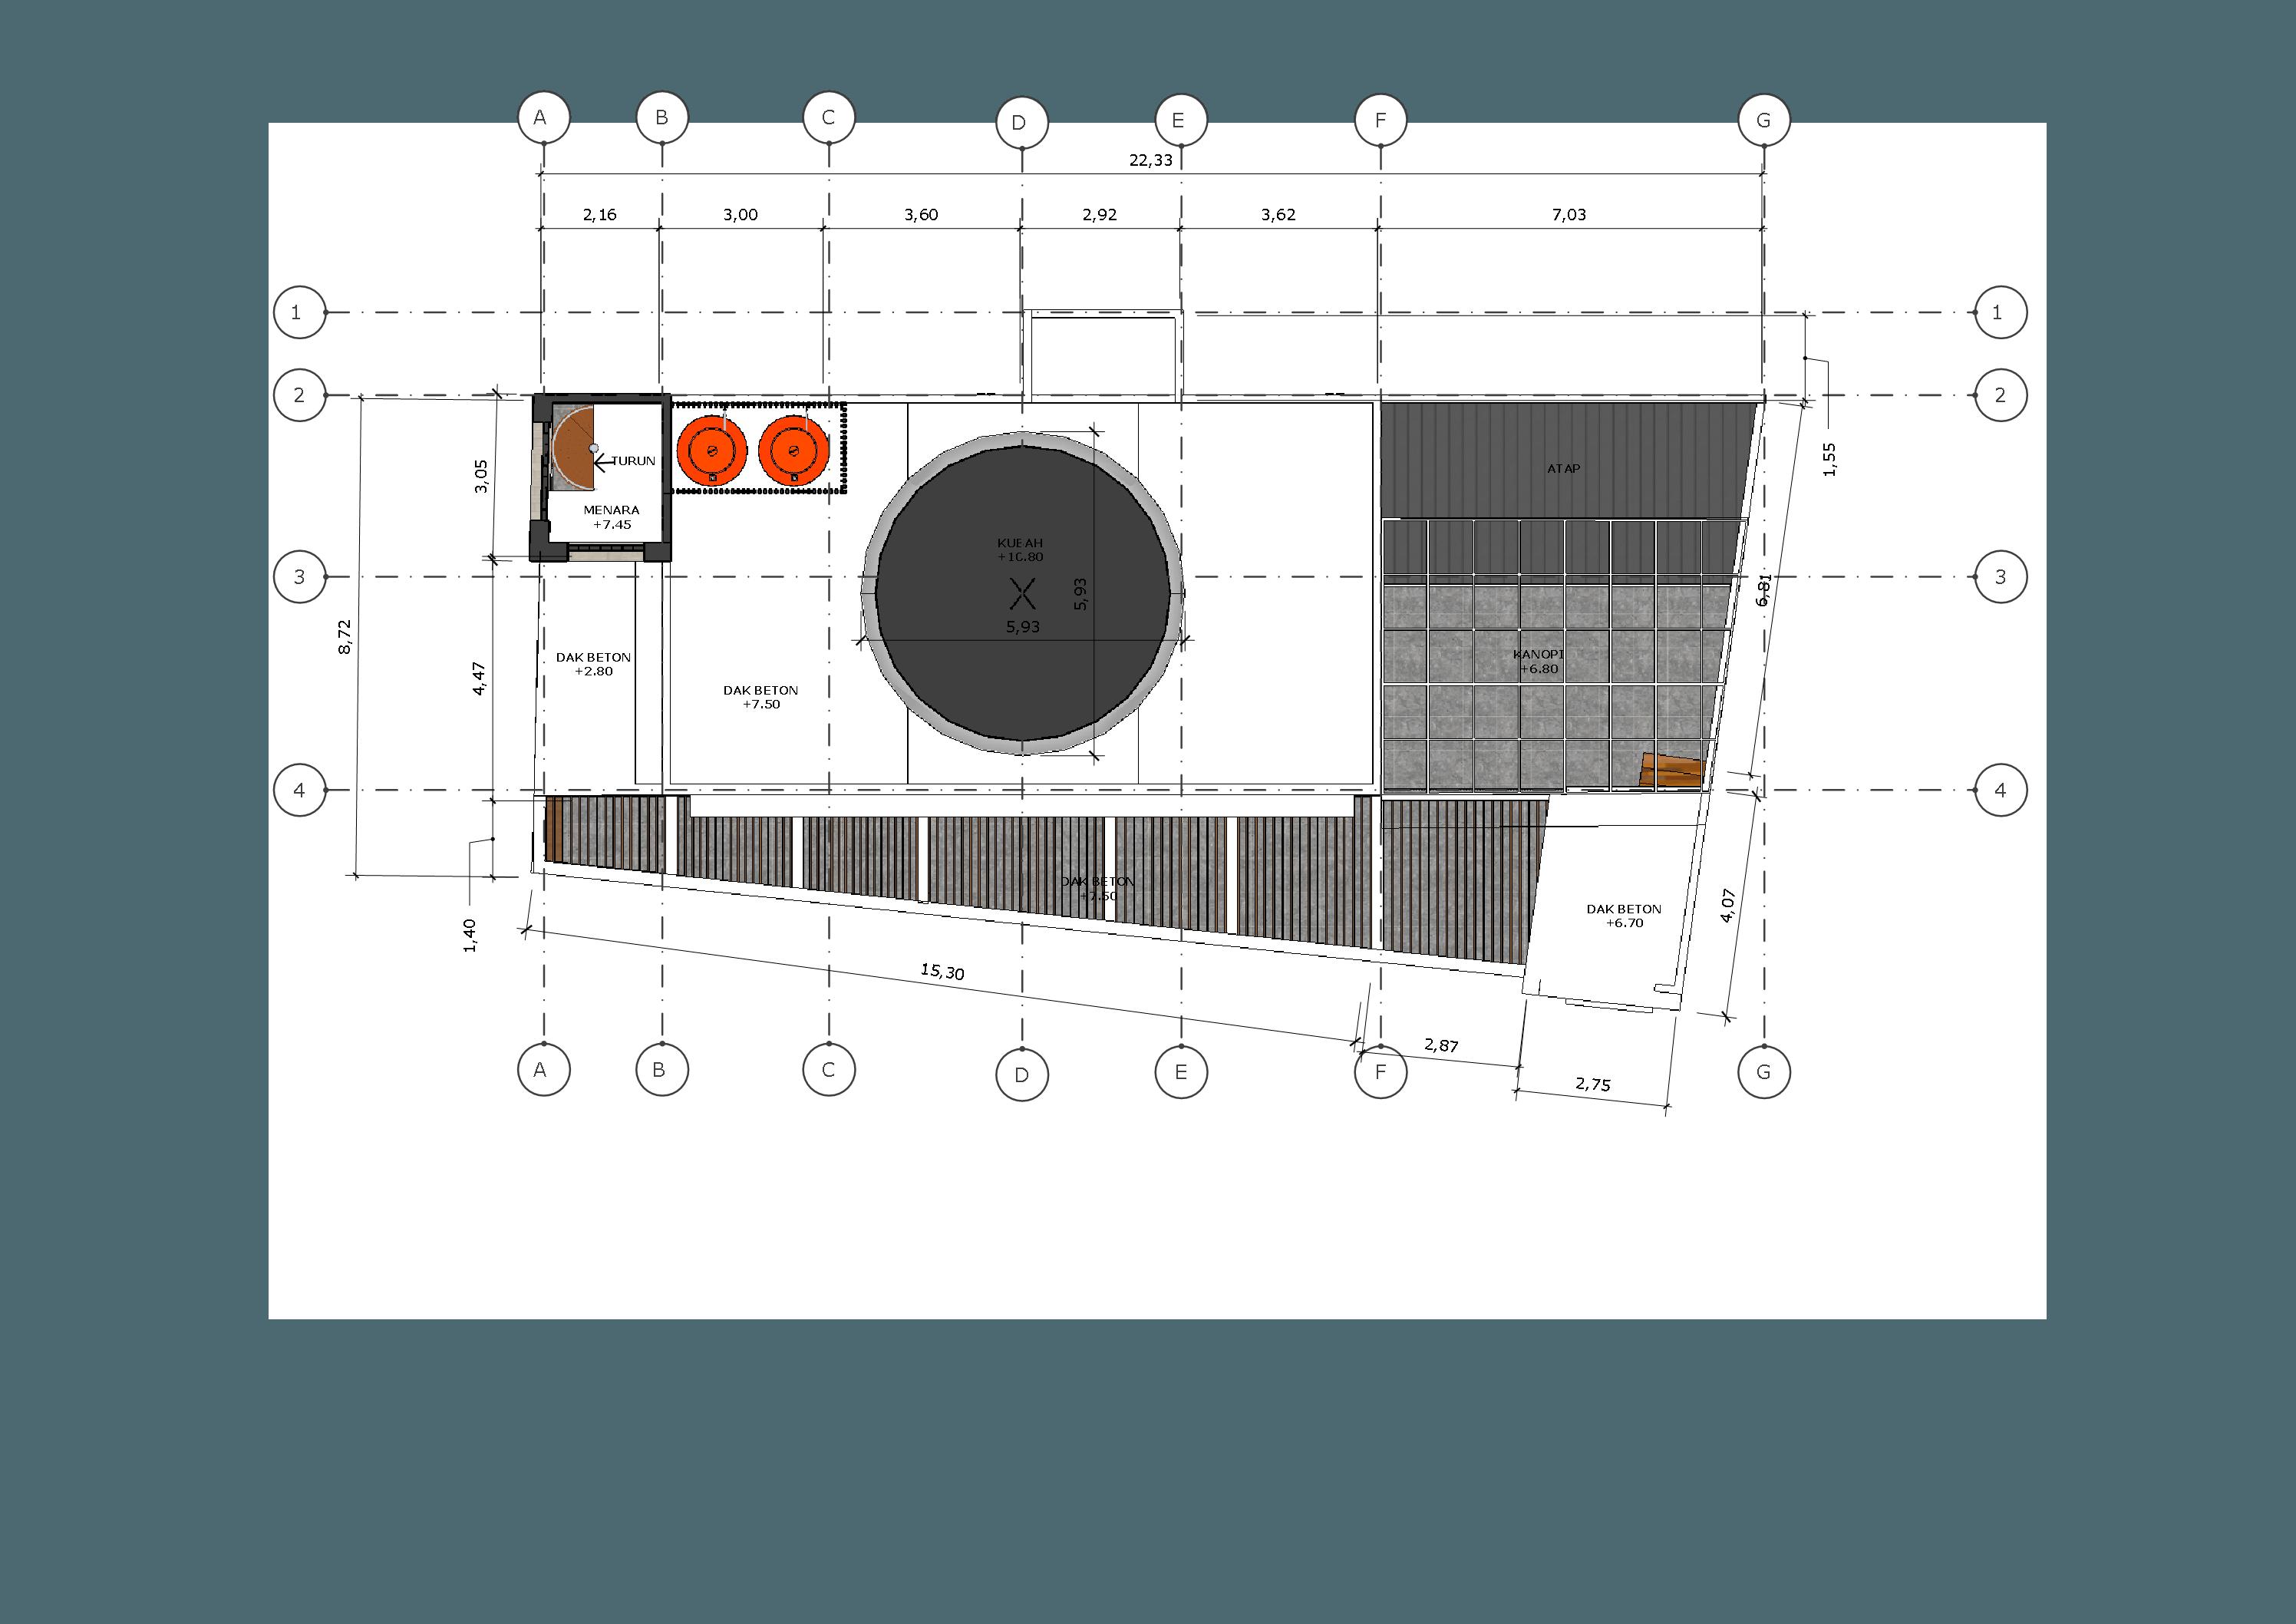 Studio Besar Masjid Al-Ikhlas, Lembang Parompong, Srirahayu, Cikancung, Bandung, Jawa Barat 40396, Indonesia Parompong, Srirahayu, Cikancung, Bandung, Jawa Barat 40396, Indonesia Studio-Besar-Masjid-Al-Ikhlas   59370